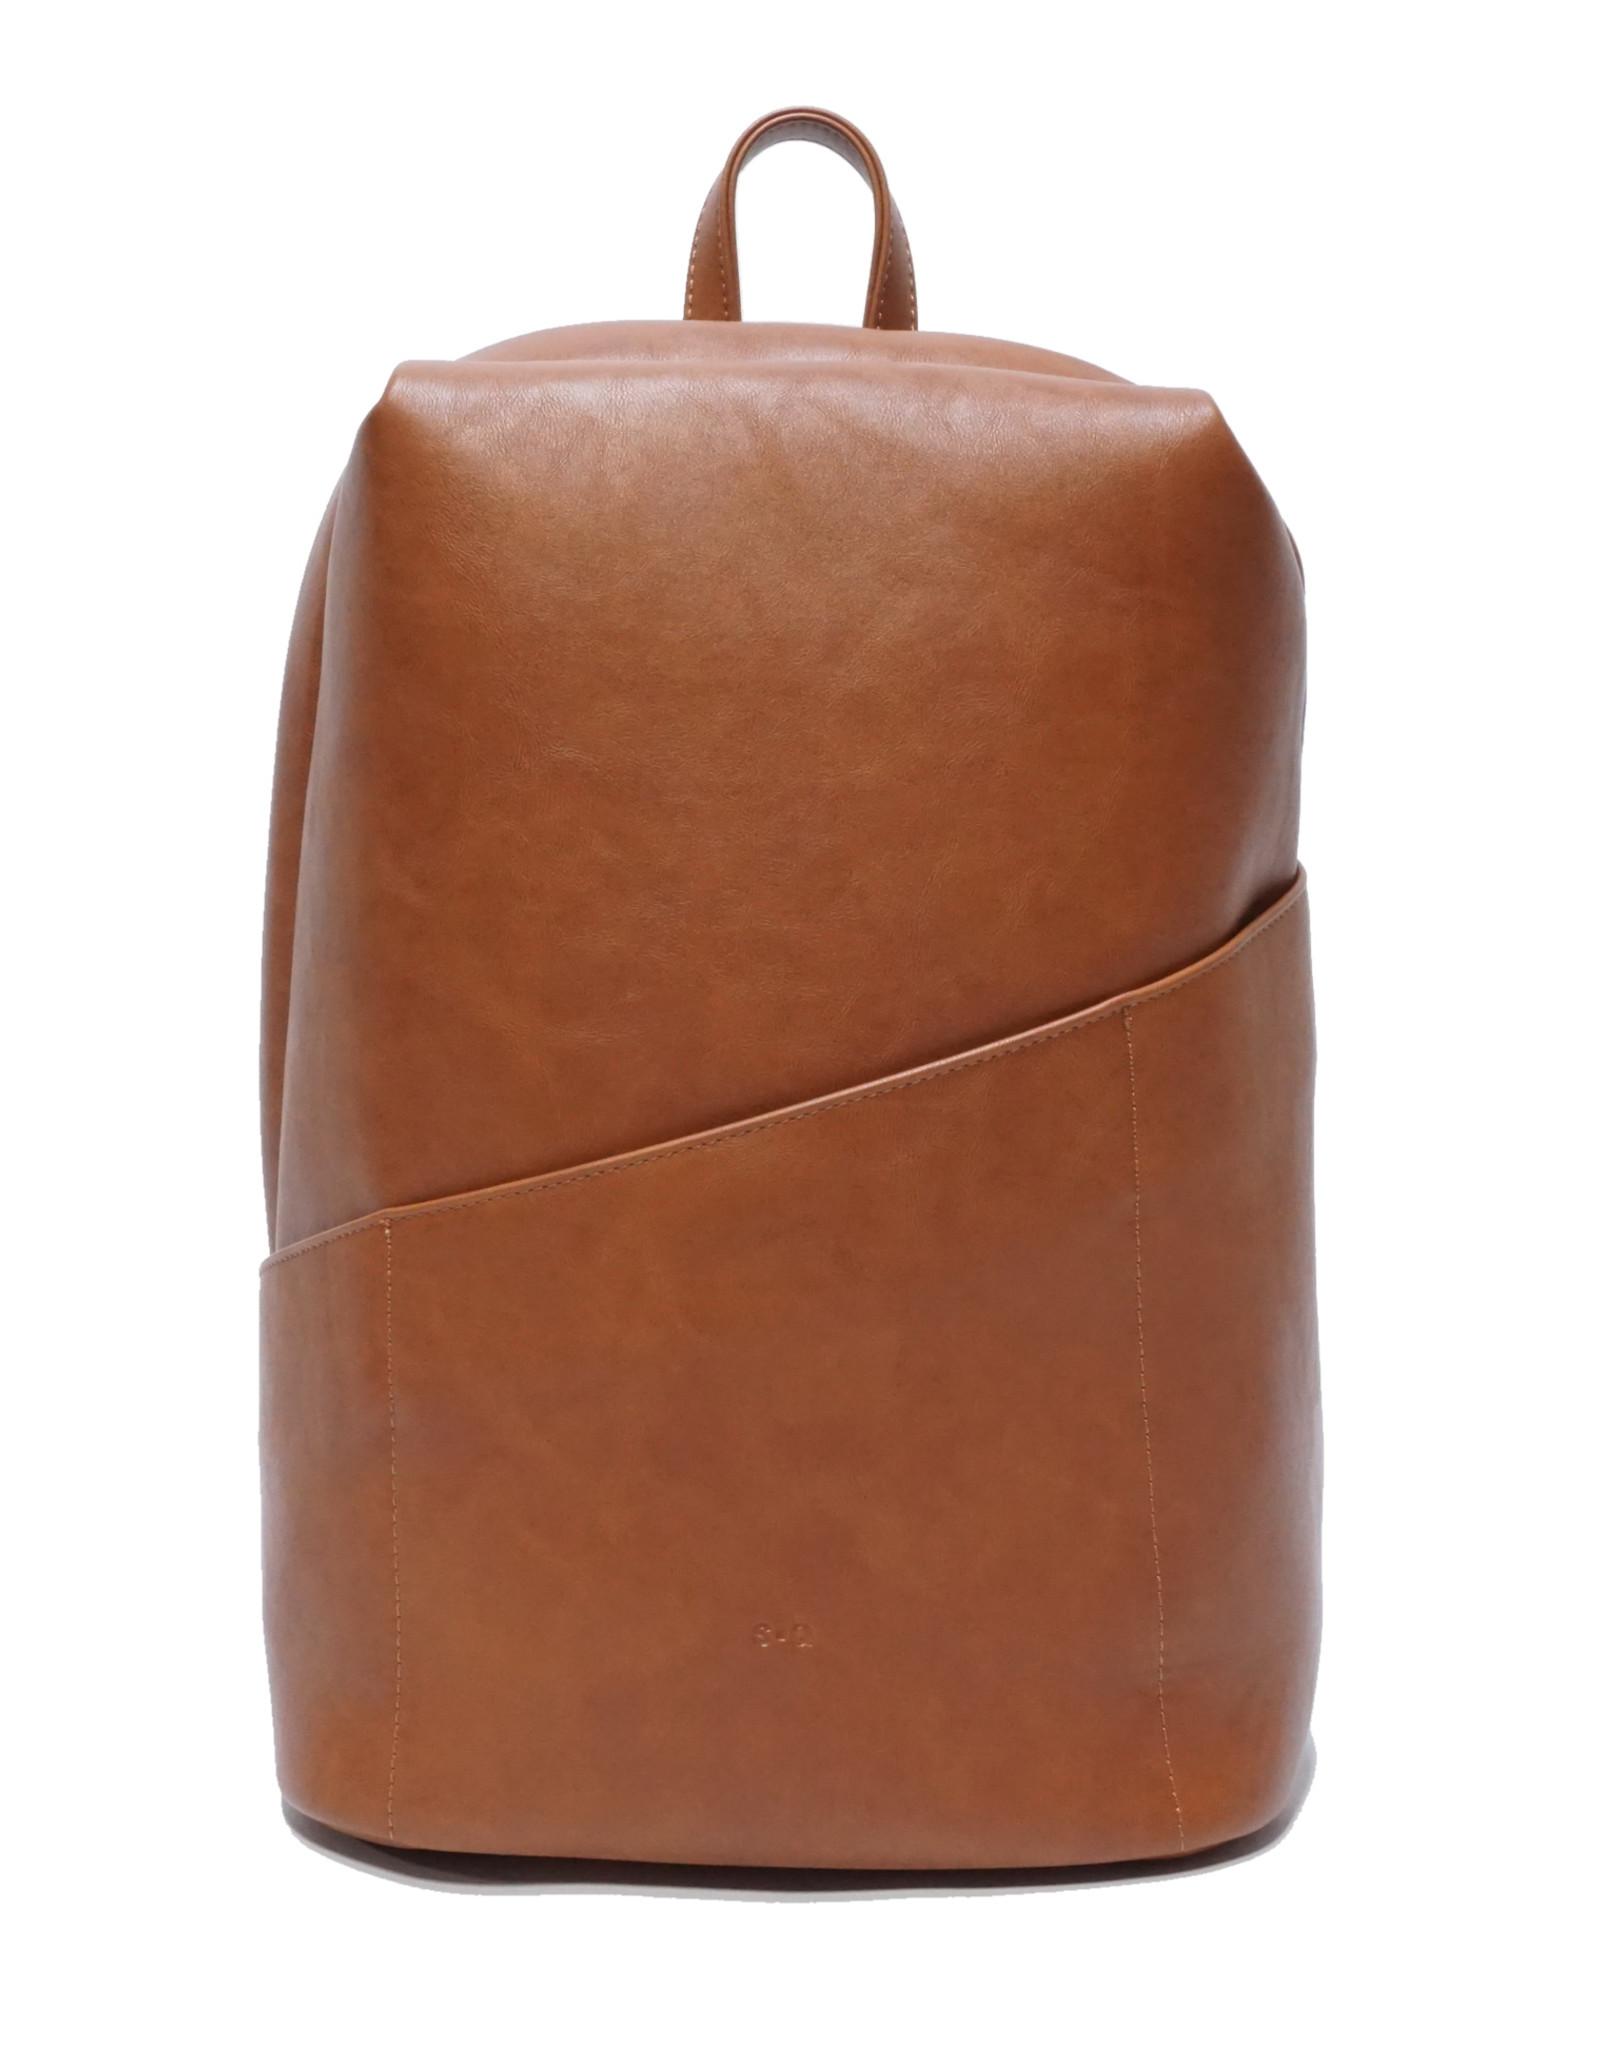 Hayden Travel Backpack-cognac